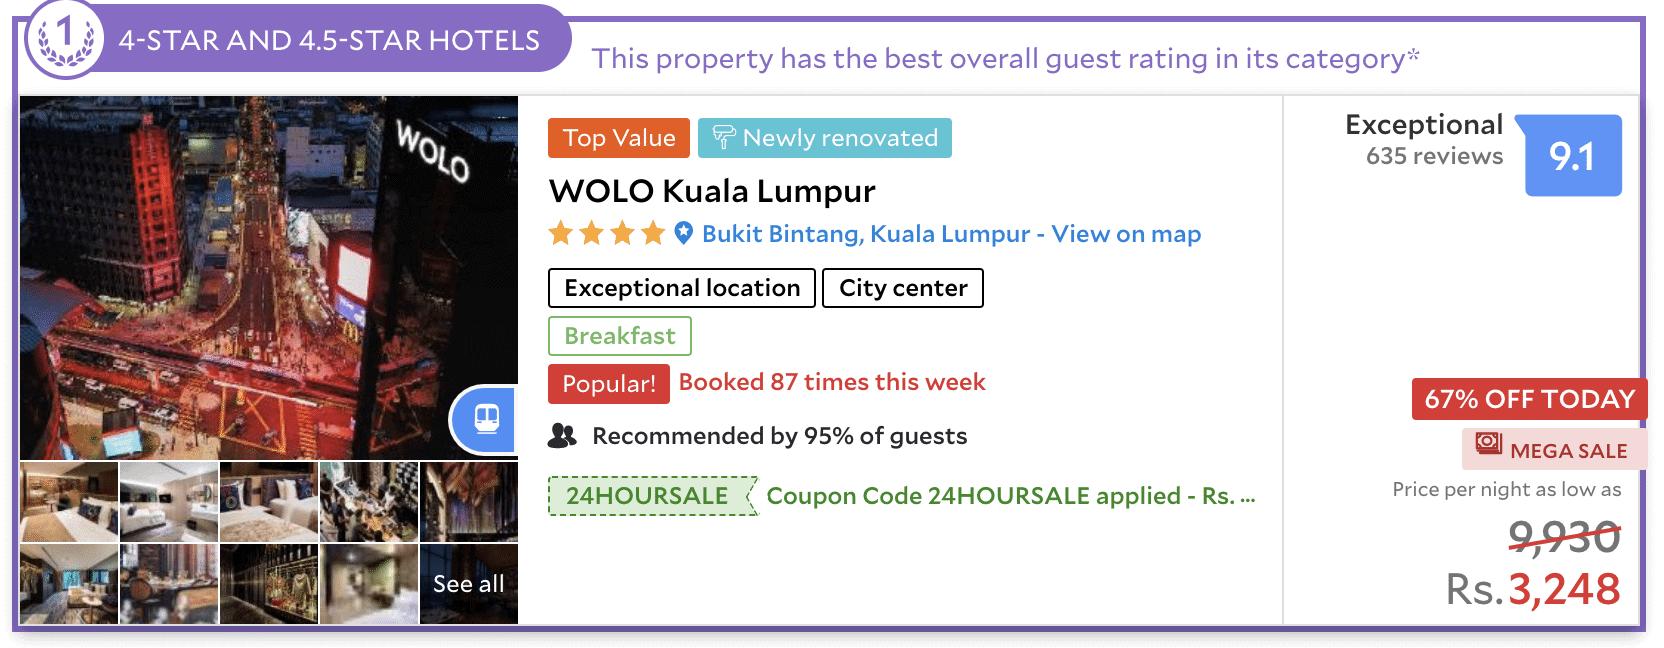 Wolo hotel in bukit bintang